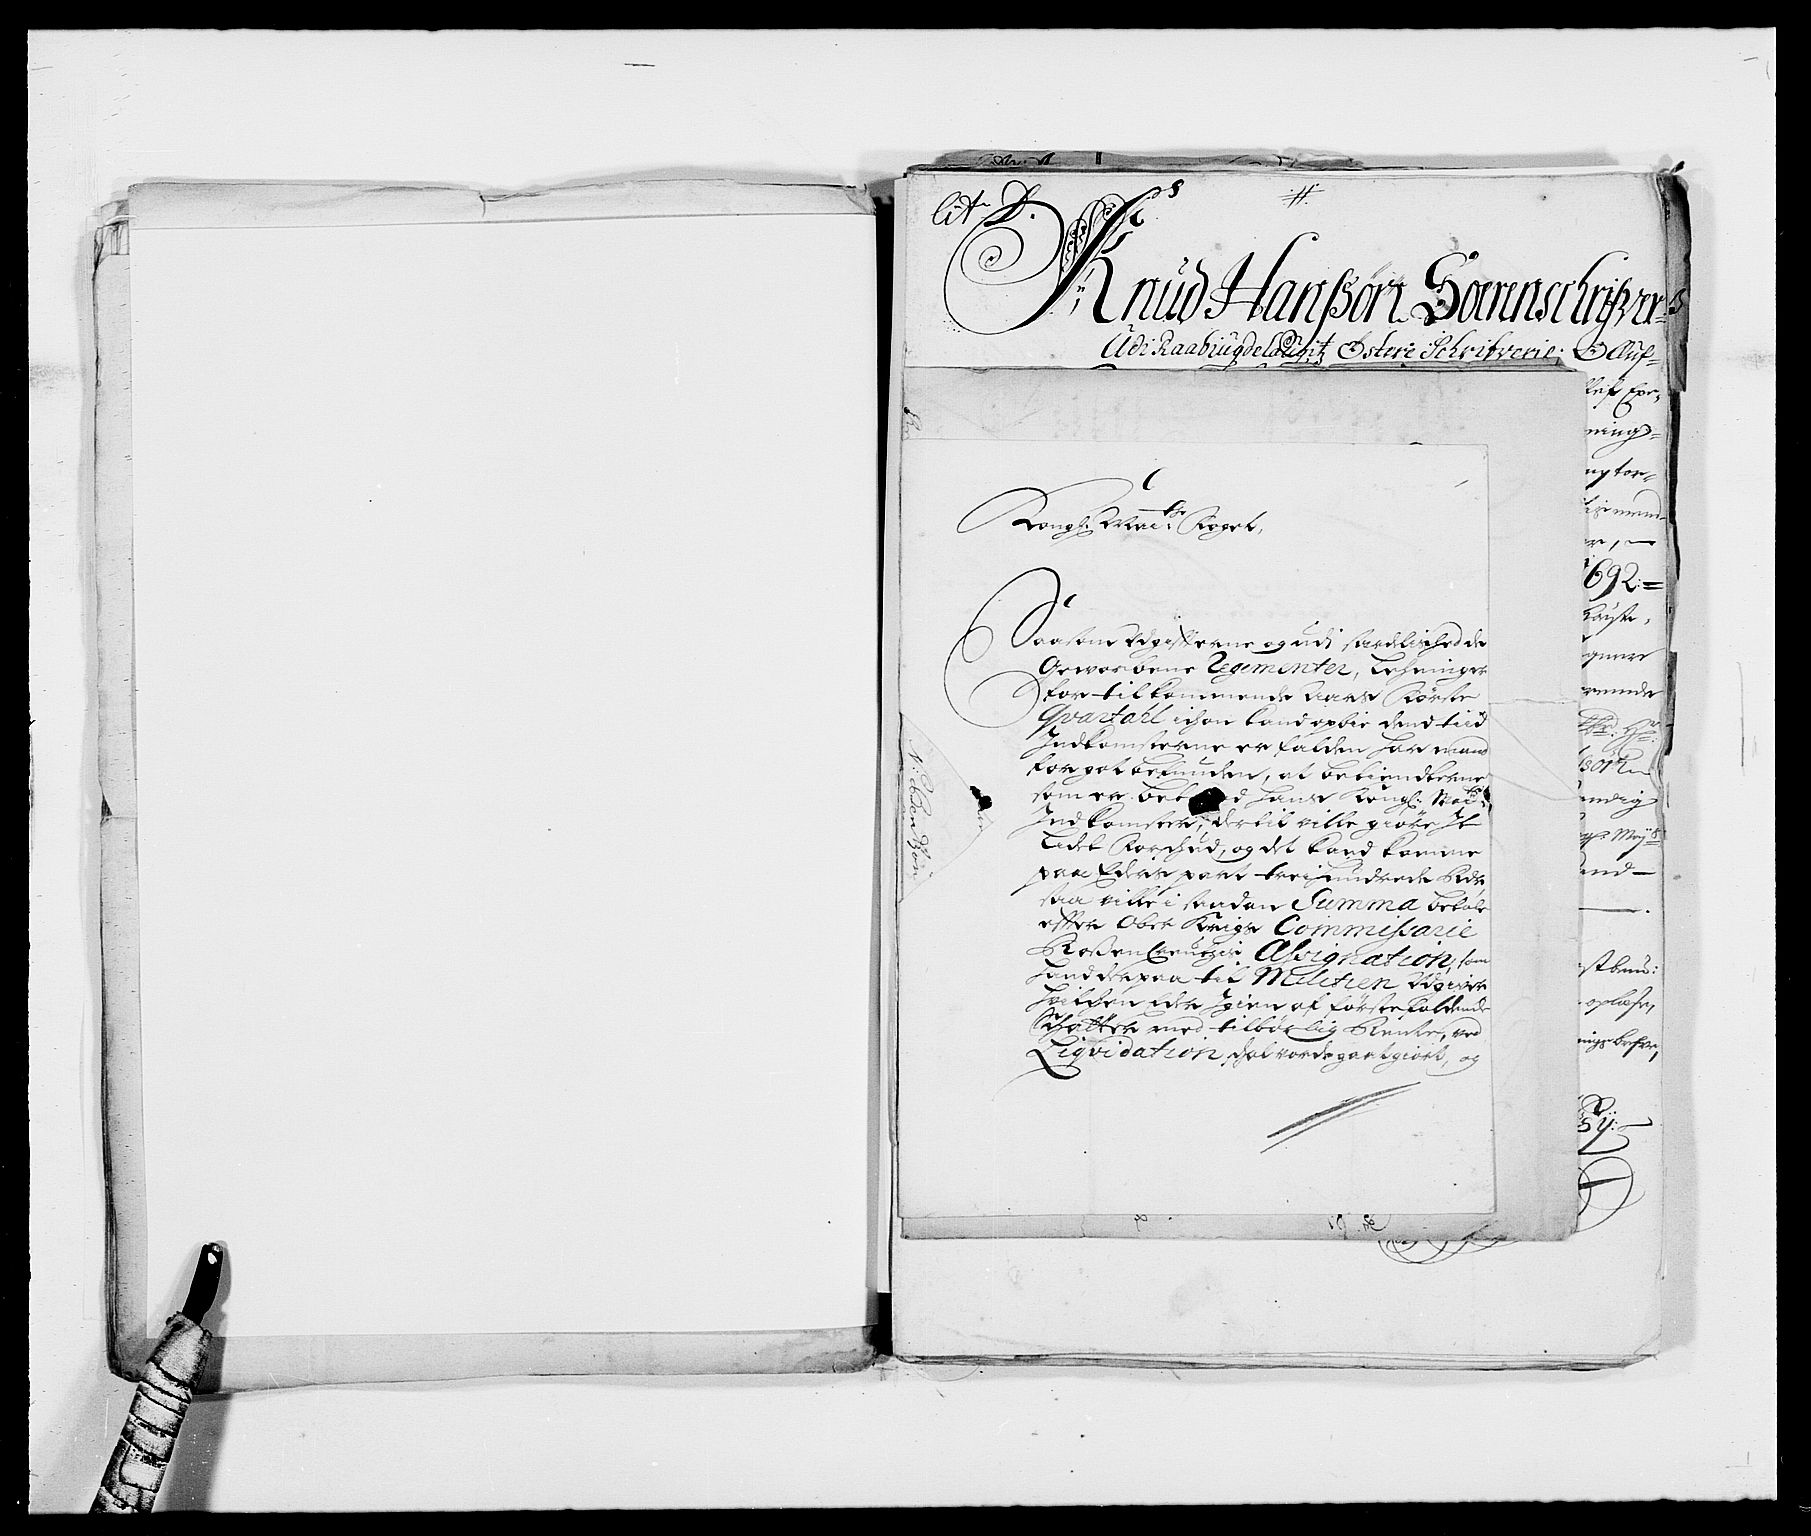 RA, Rentekammeret inntil 1814, Reviderte regnskaper, Fogderegnskap, R39/L2310: Fogderegnskap Nedenes, 1690-1692, s. 47